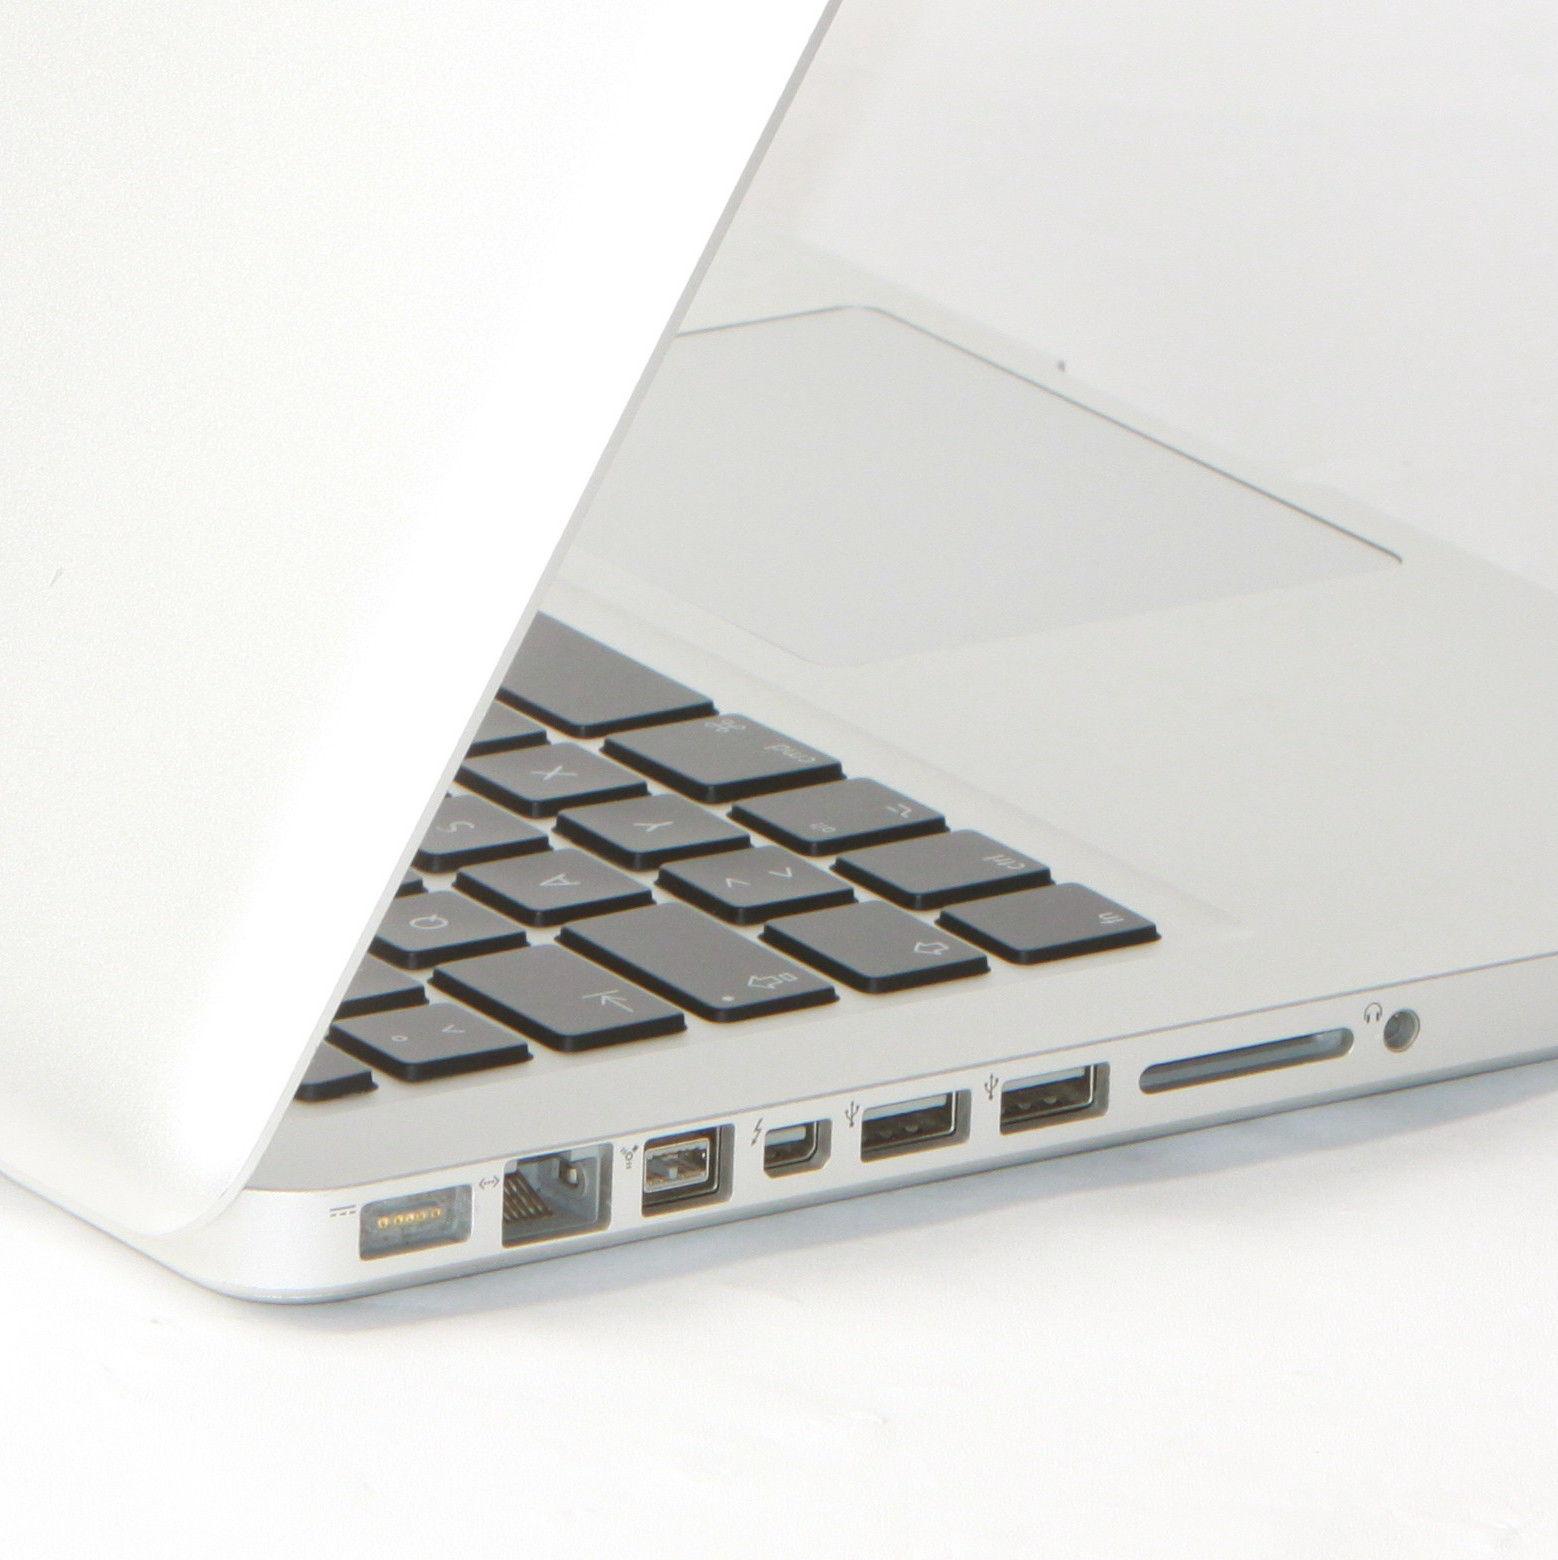 apple macbook pro a1278 md101da io sadaghian it dienstleistungen. Black Bedroom Furniture Sets. Home Design Ideas